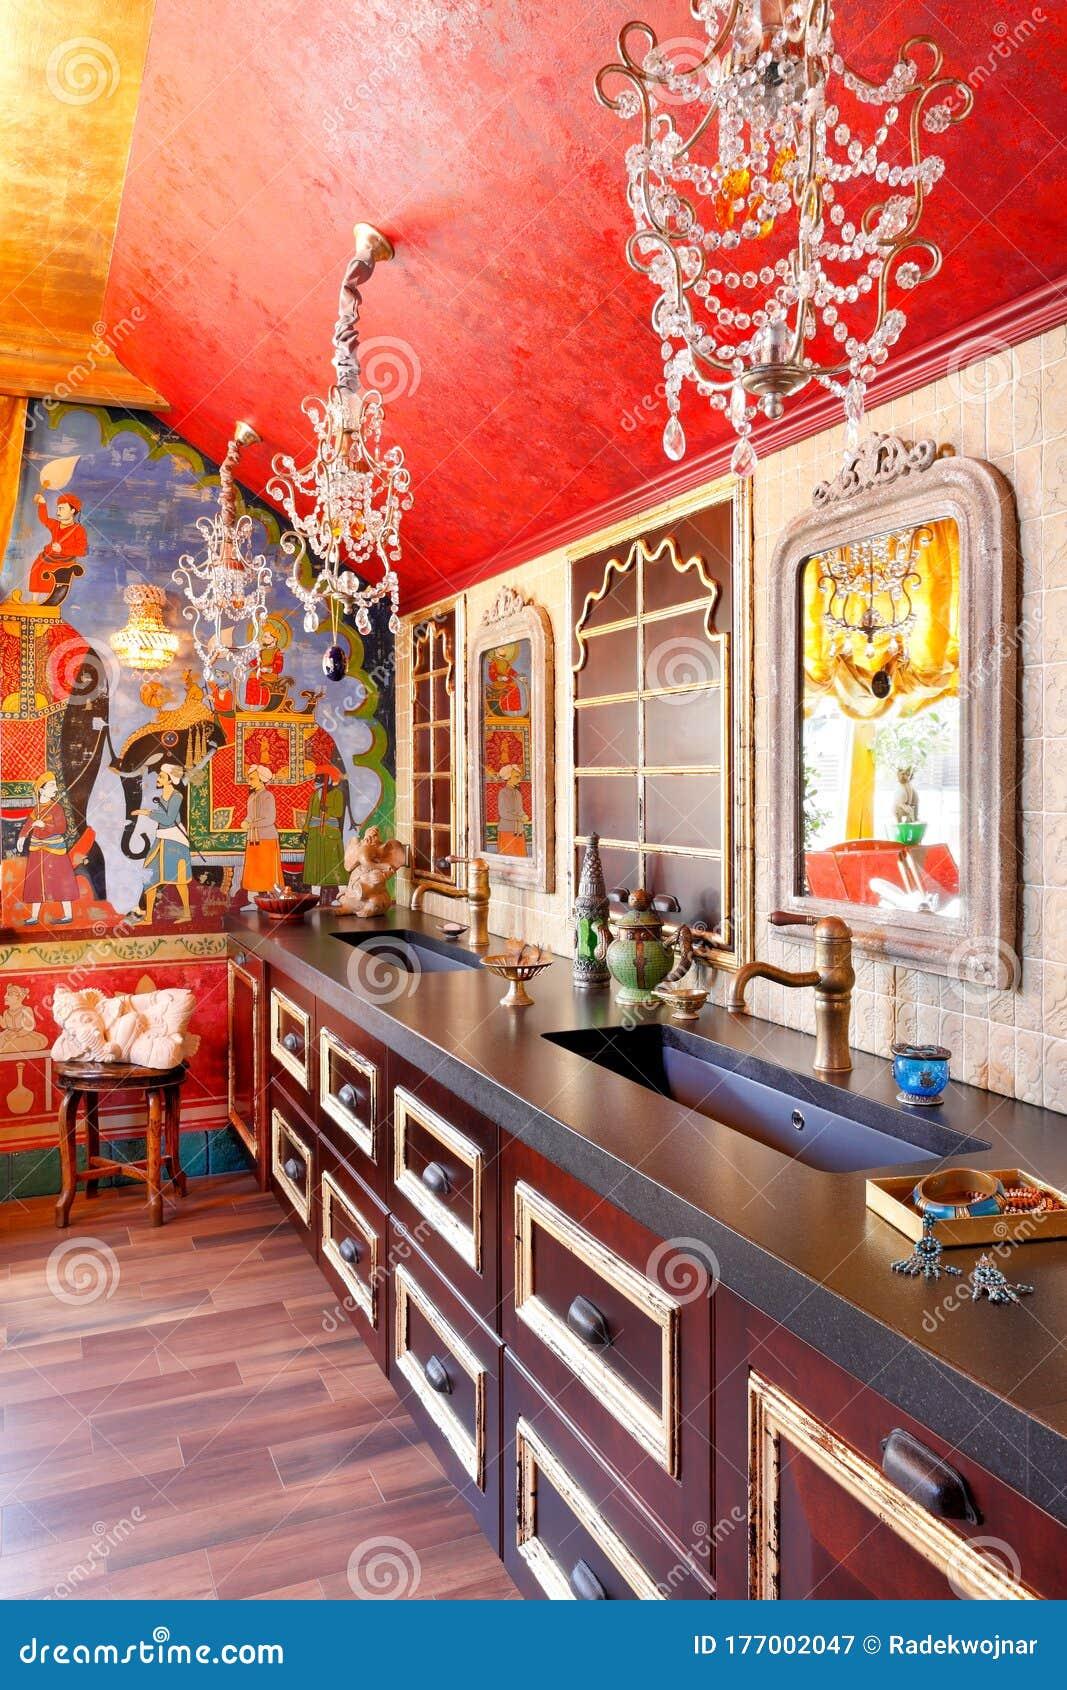 Indian style bathroom stock image. Image of bathroom ...